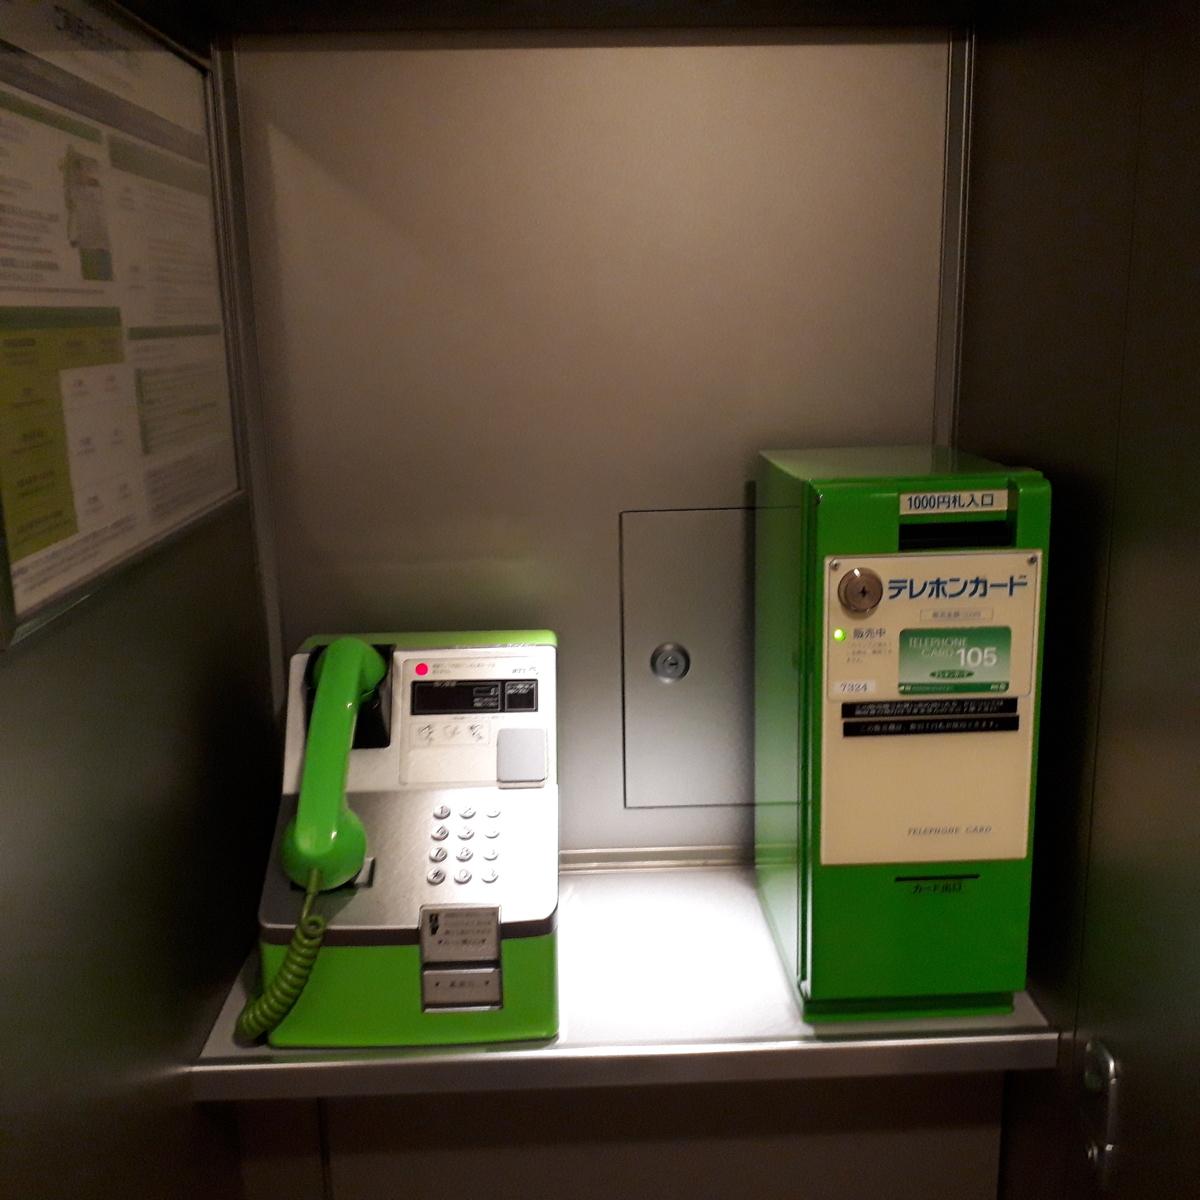 新幹線N700系 のぞみ 公衆電話